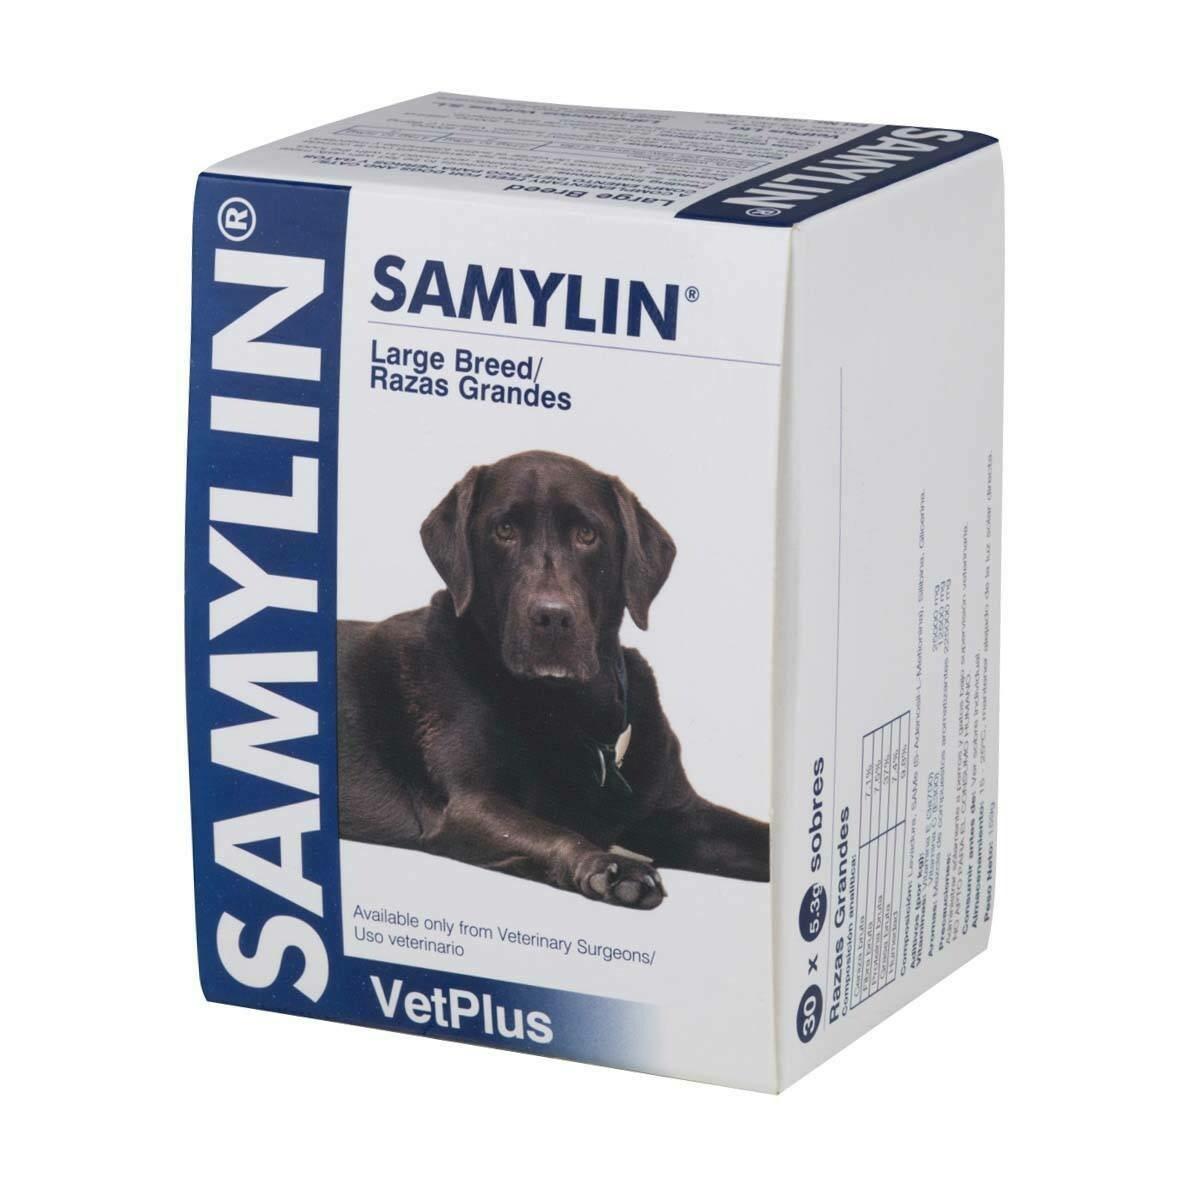 VetPlus Samylin - Самилин для крупных собак, пакетики